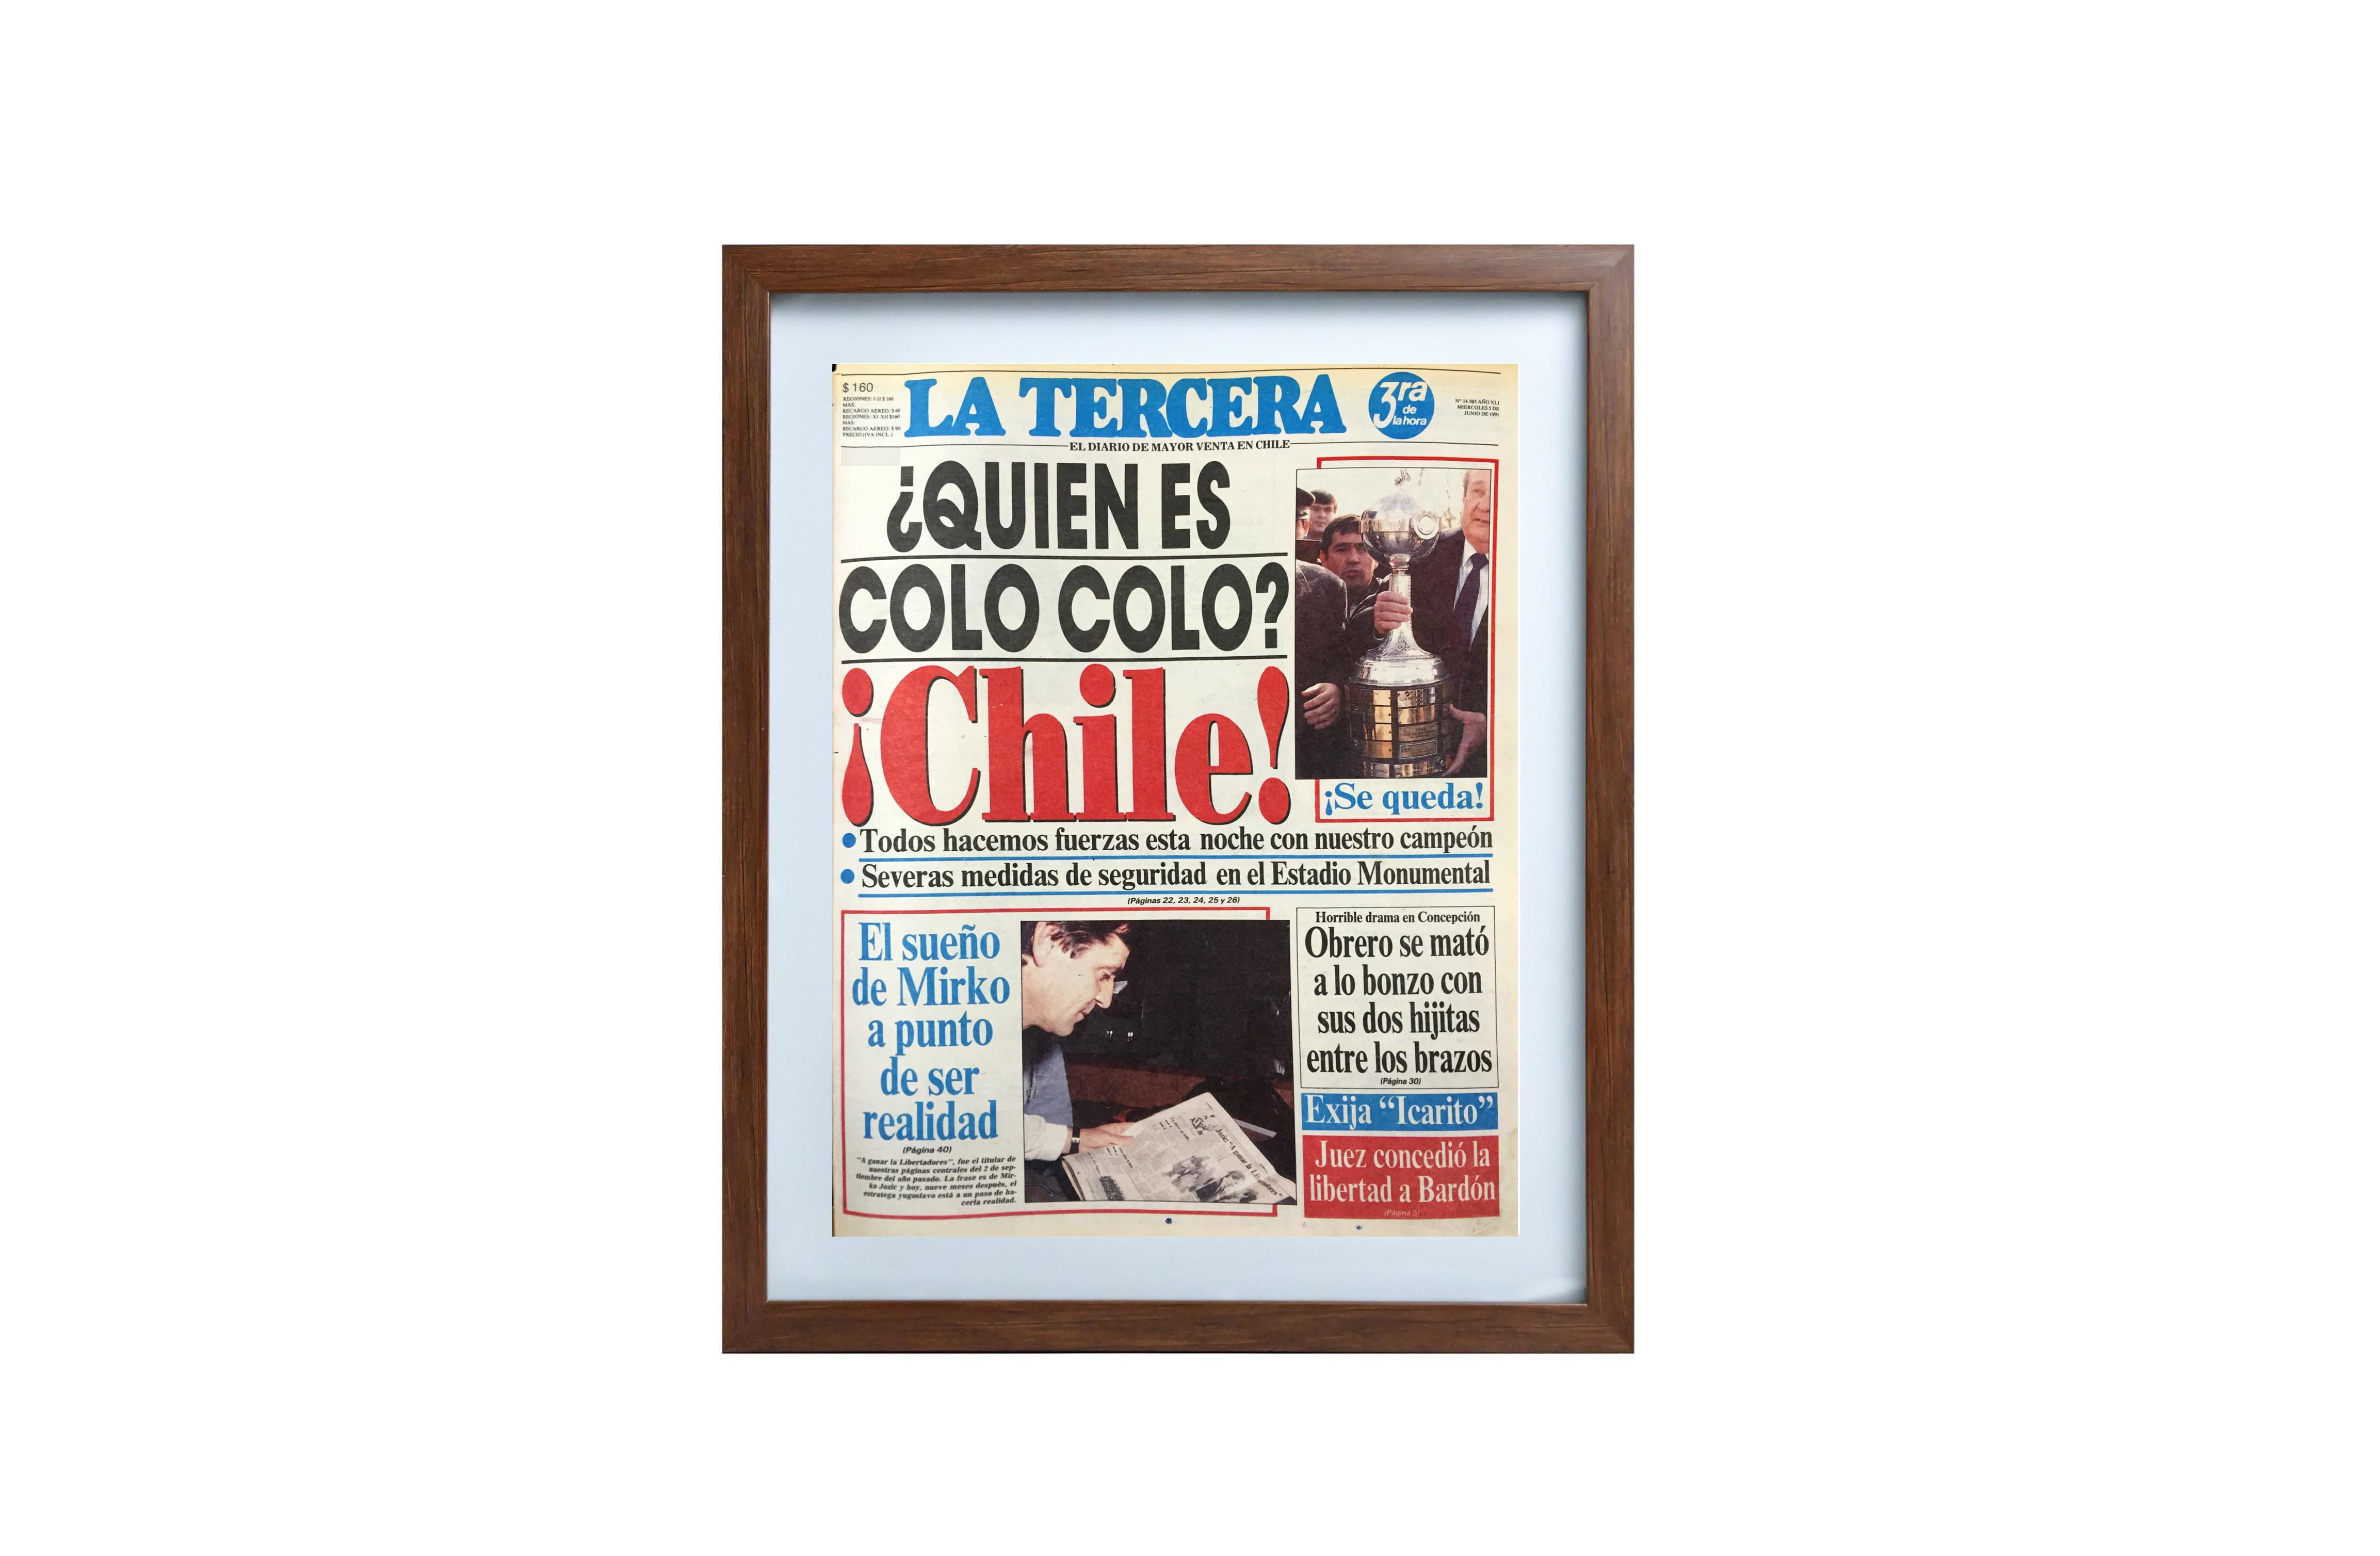 Colo_Colo_1991_café_4